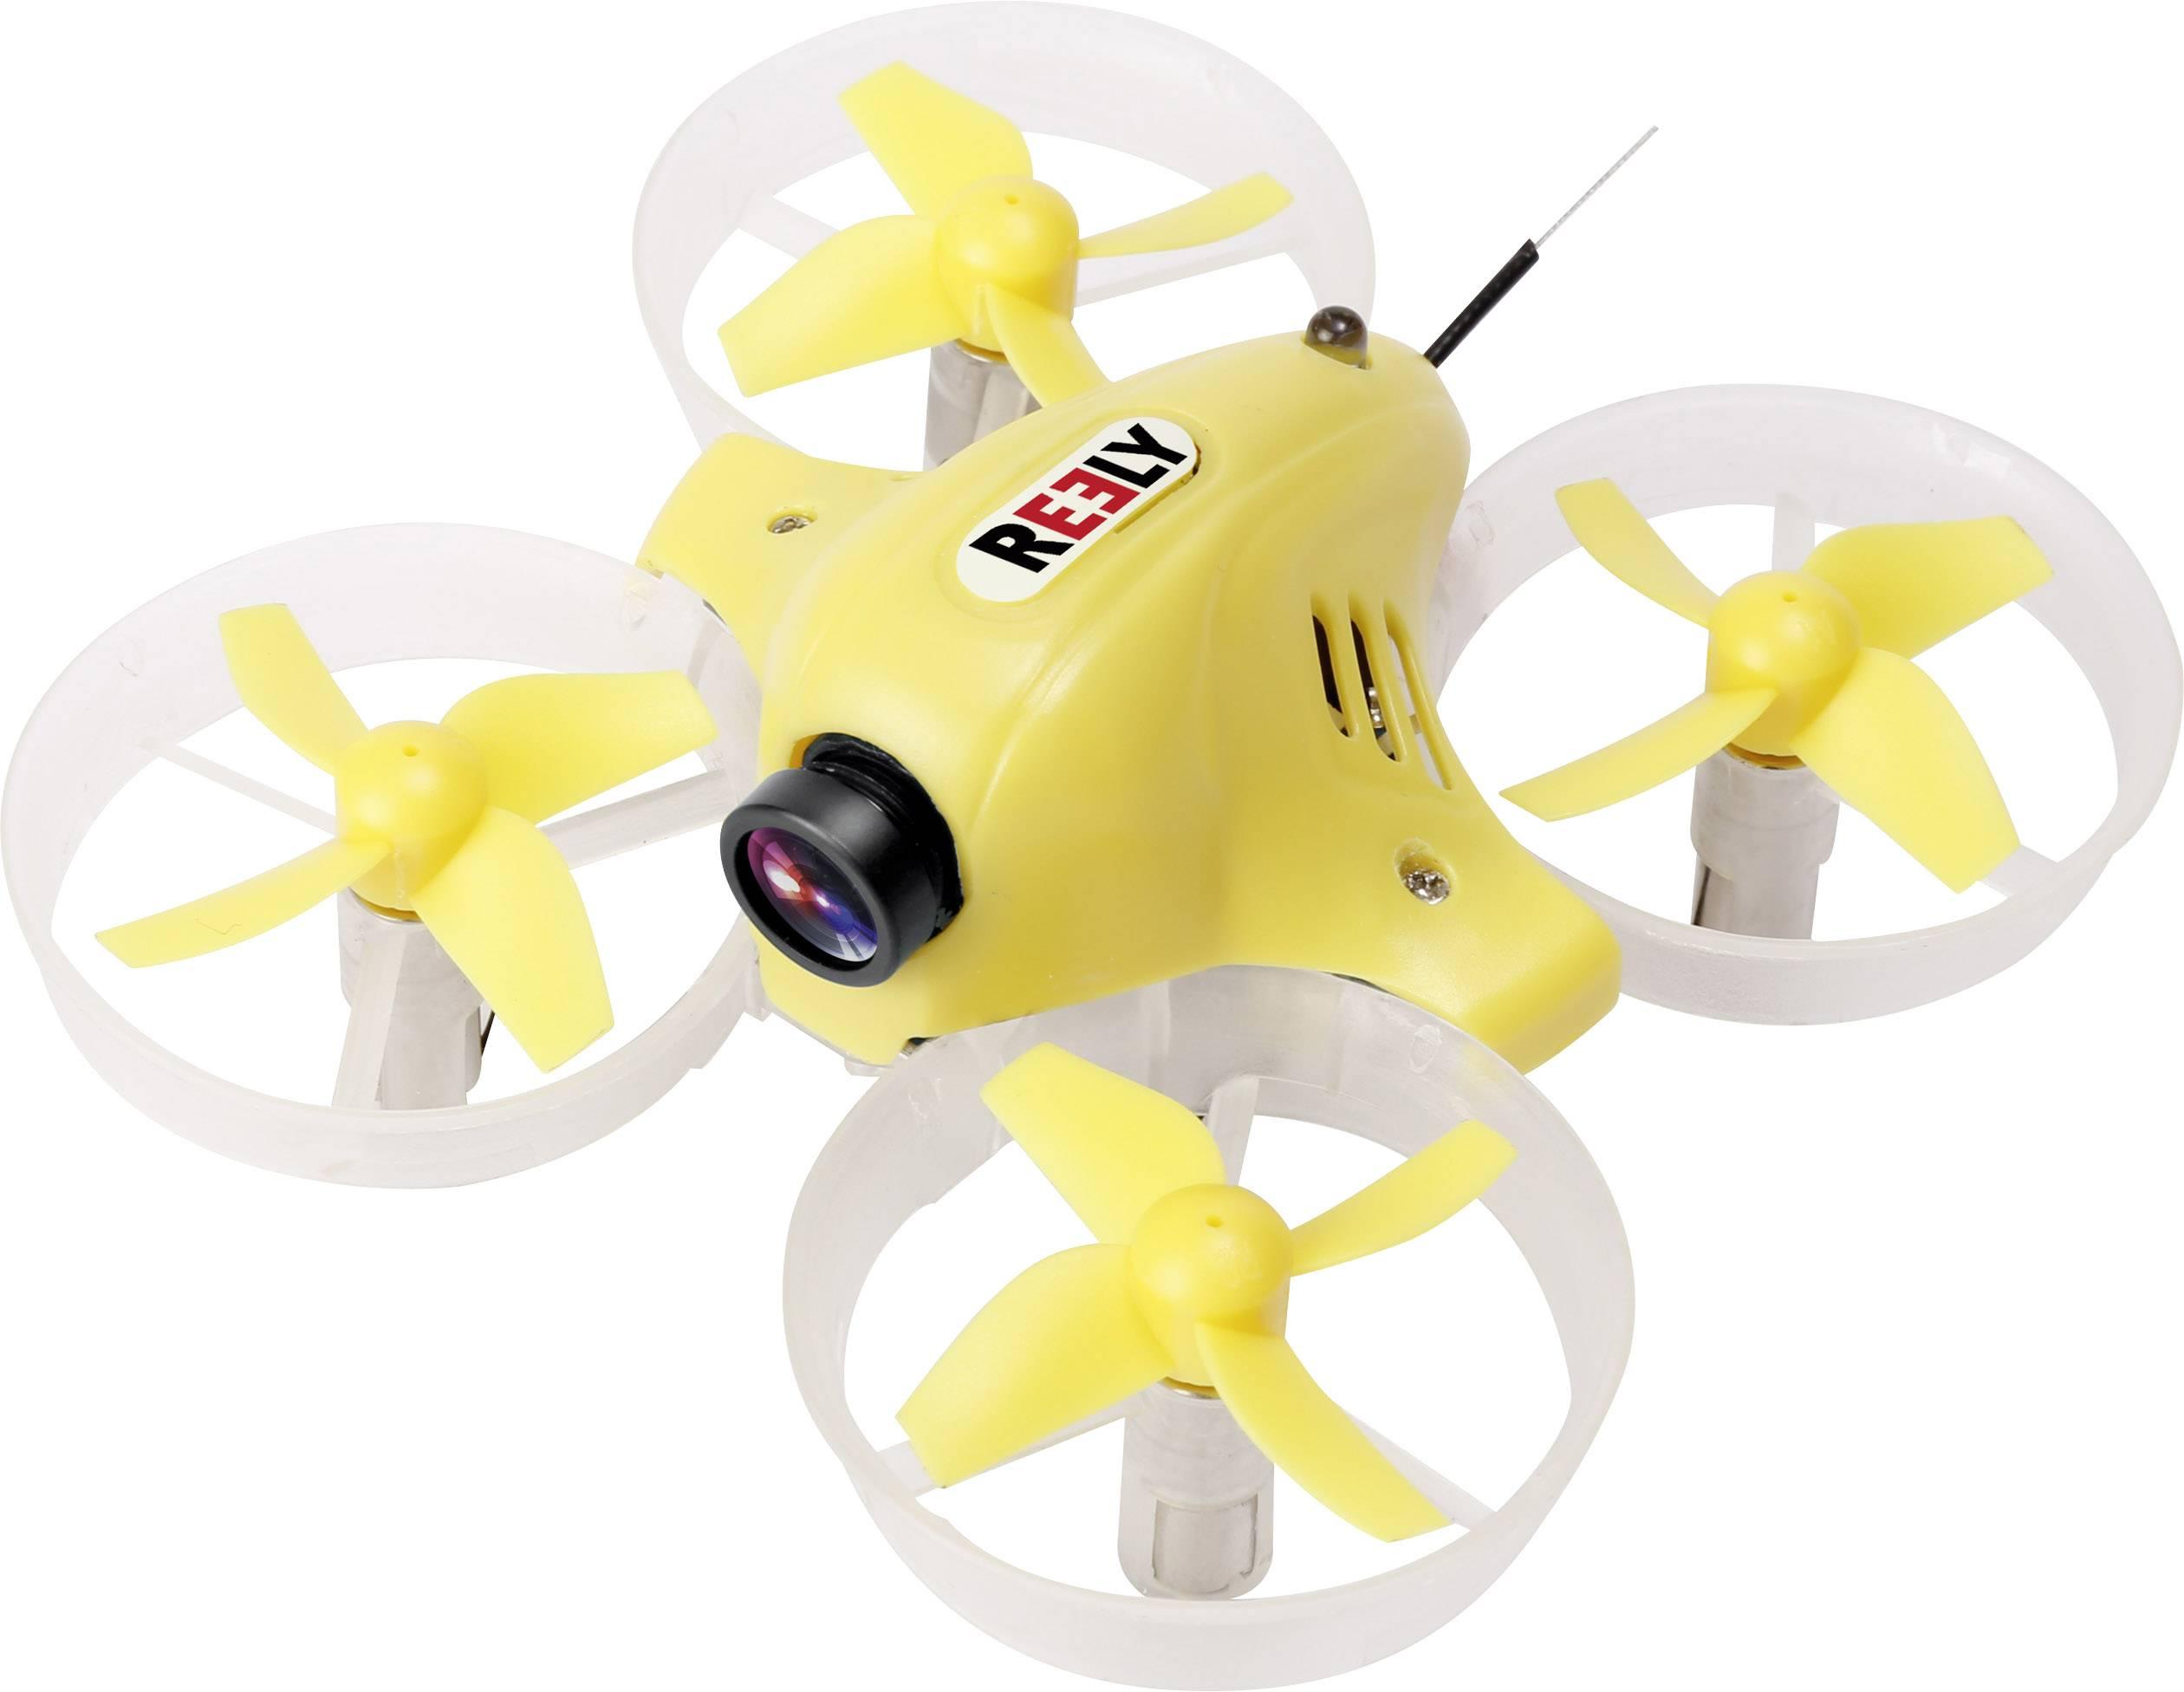 Závodní dron Reely X-82, RtF, FPV Race, s kamerou